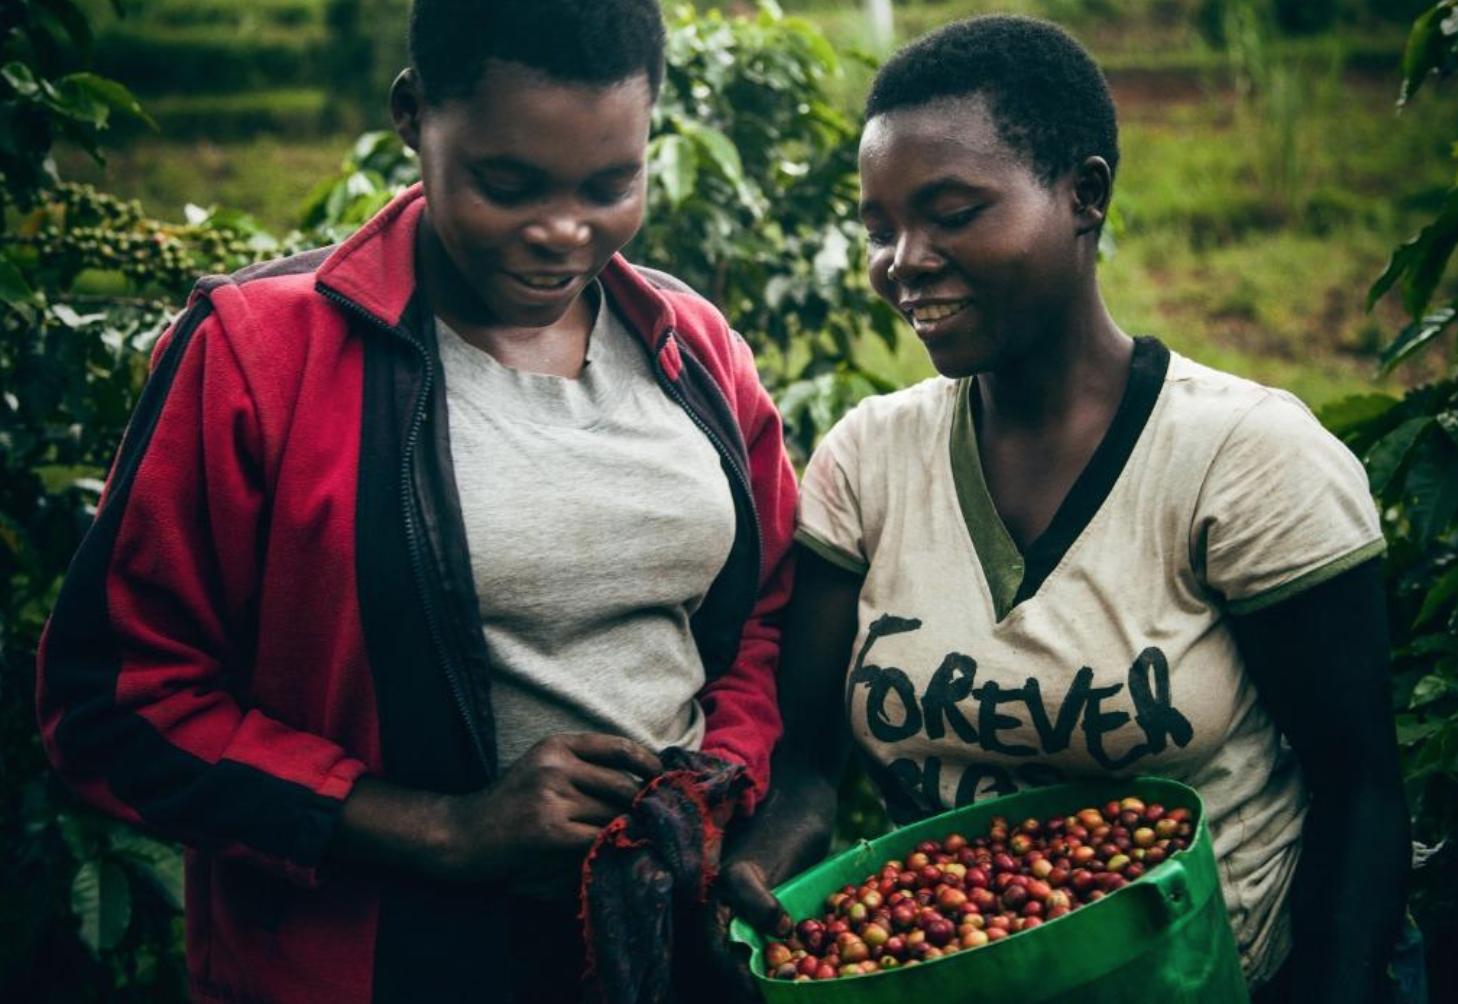 弾ける果実感とチョコレートのような風味 Rwanda Gitesi #7 100g Light roast